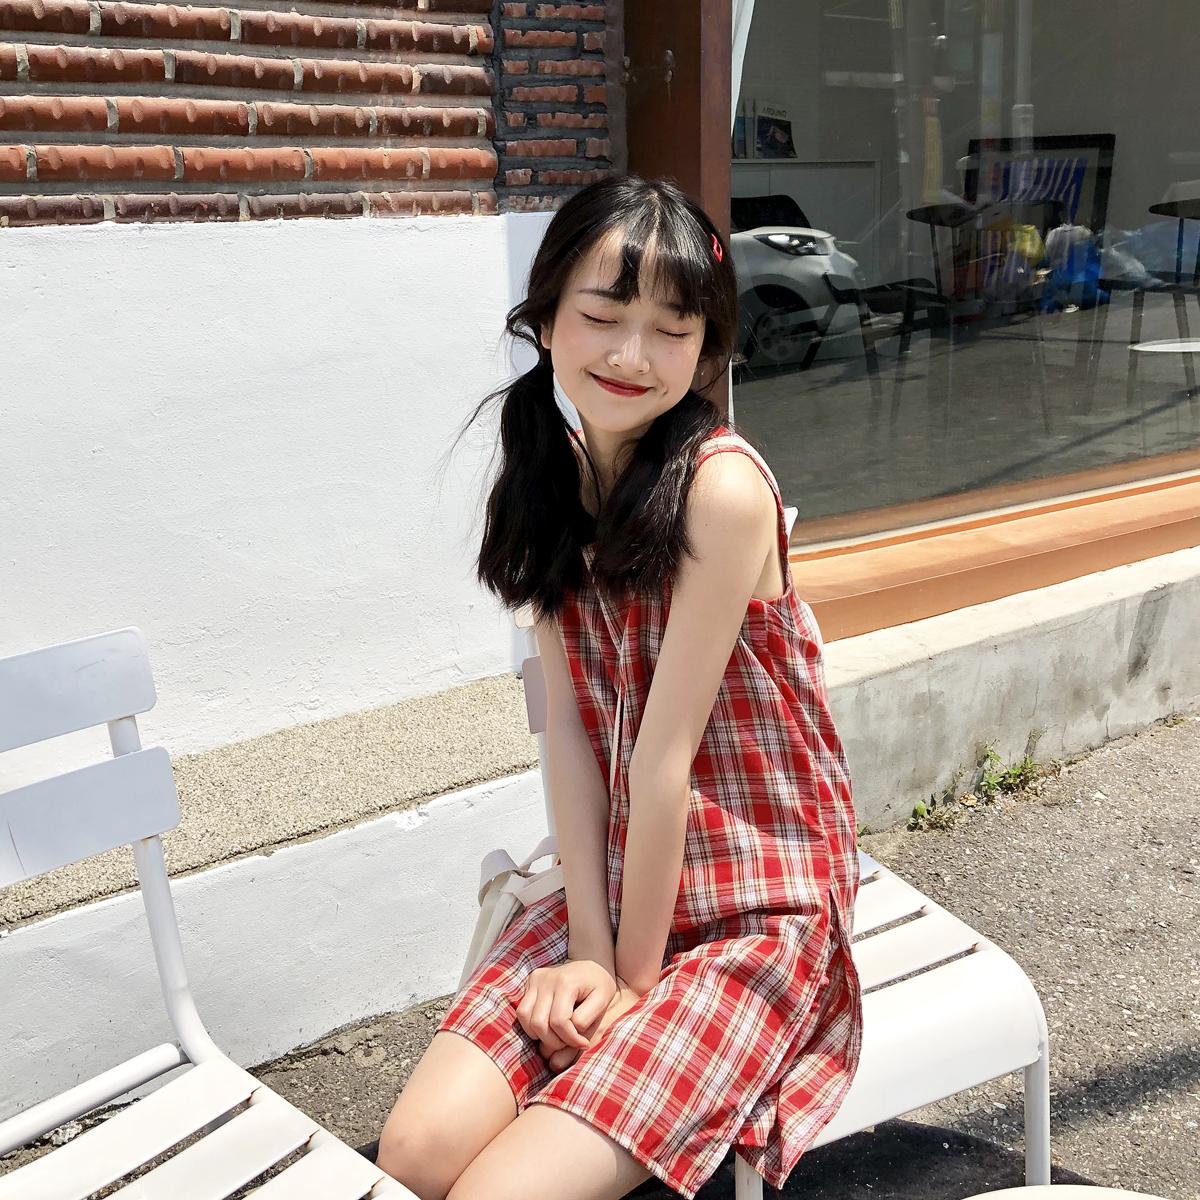 红色连衣裙 YUKI小树家 少女感满满红色格子连衣裙内是短裤防走光又凉快q0661_推荐淘宝好看的红色连衣裙